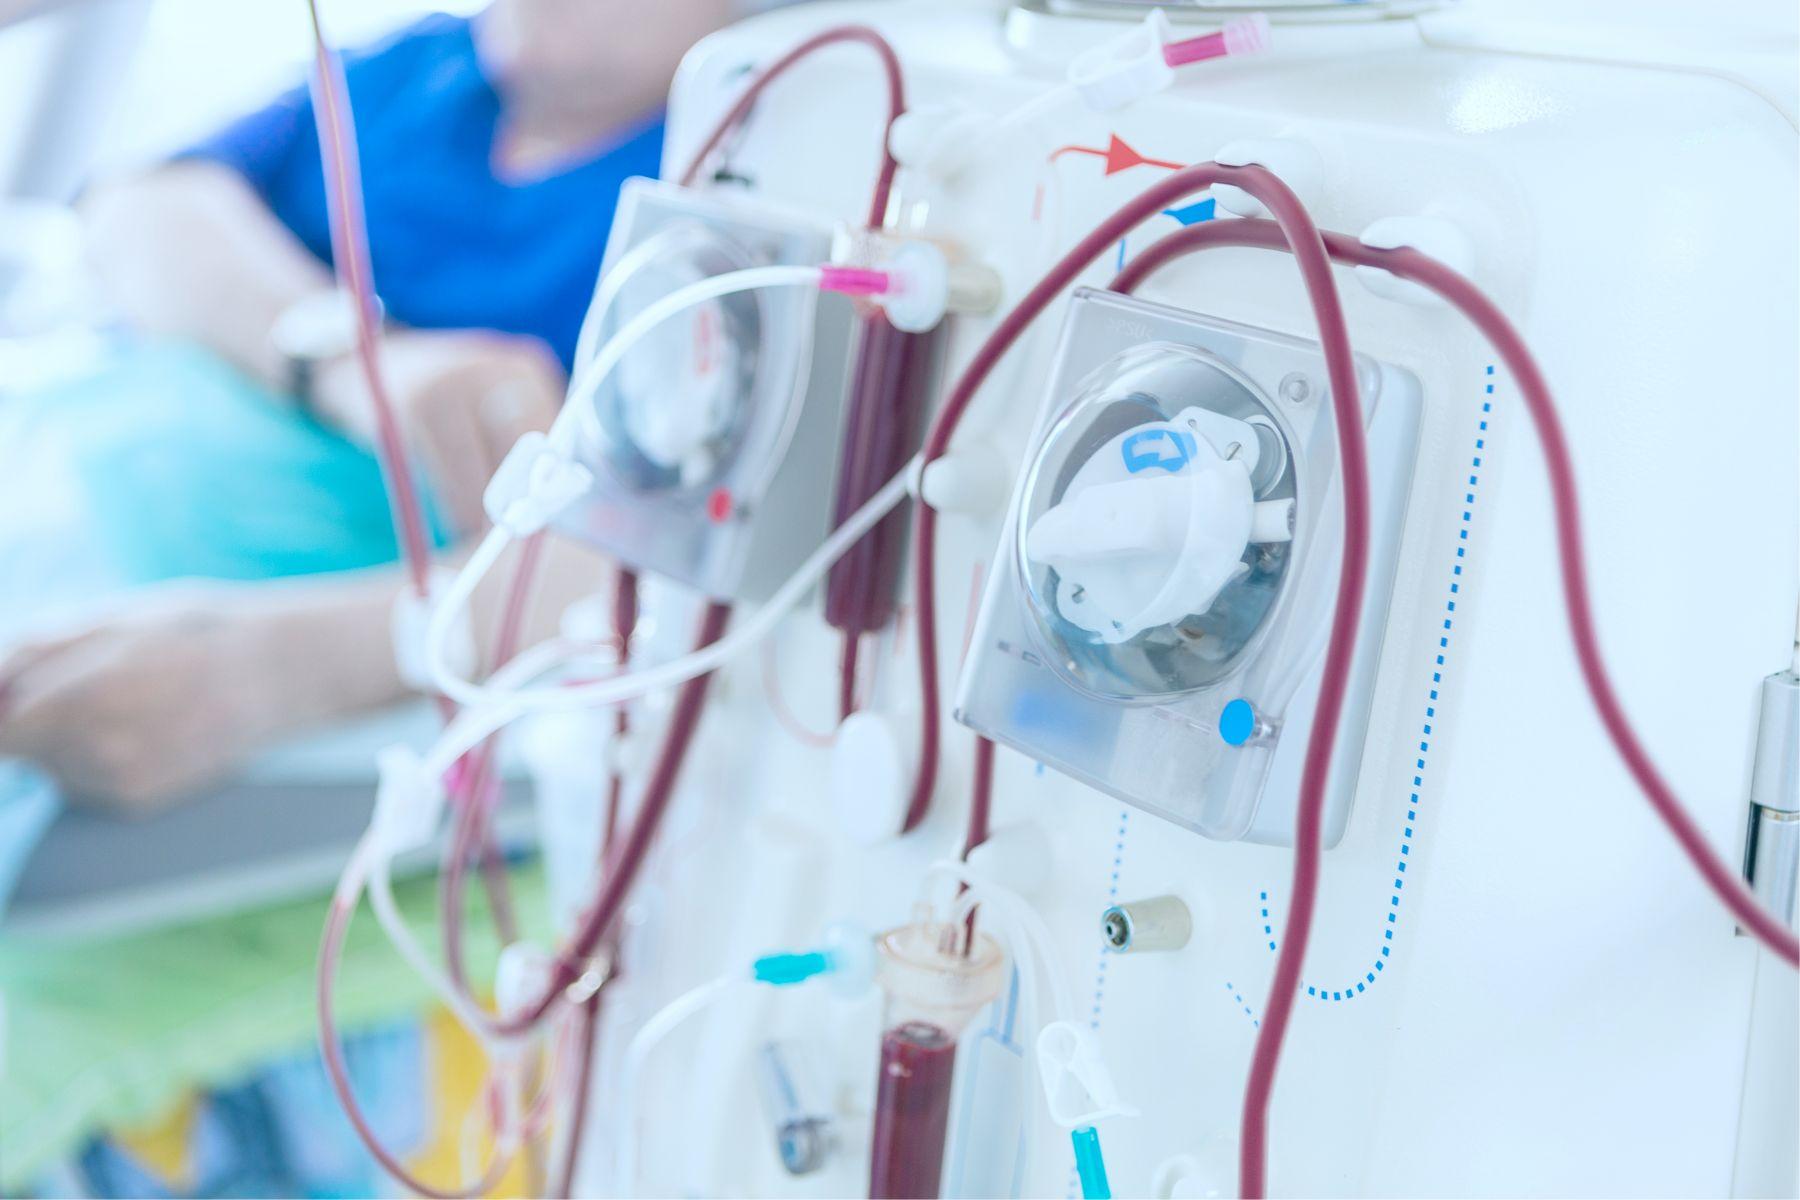 小心洗腎危機!腎臟科名醫列小便顏色表:一秒看到尿液的隱藏病症